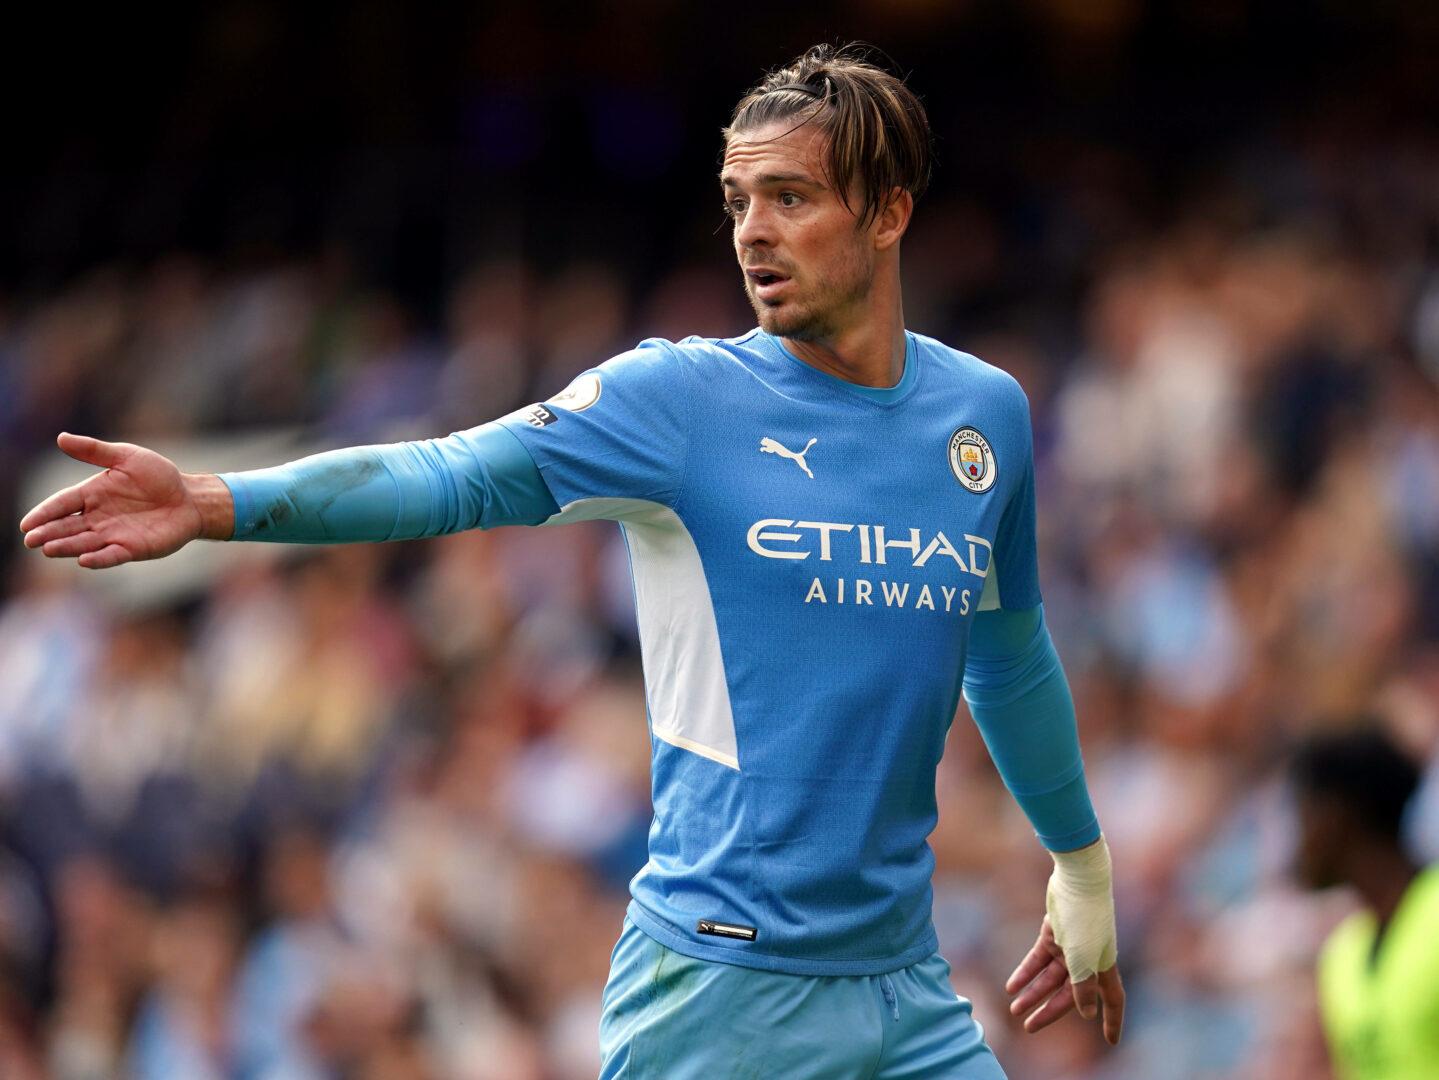 Die Premier League im Transferfenster: Ist es das wert?